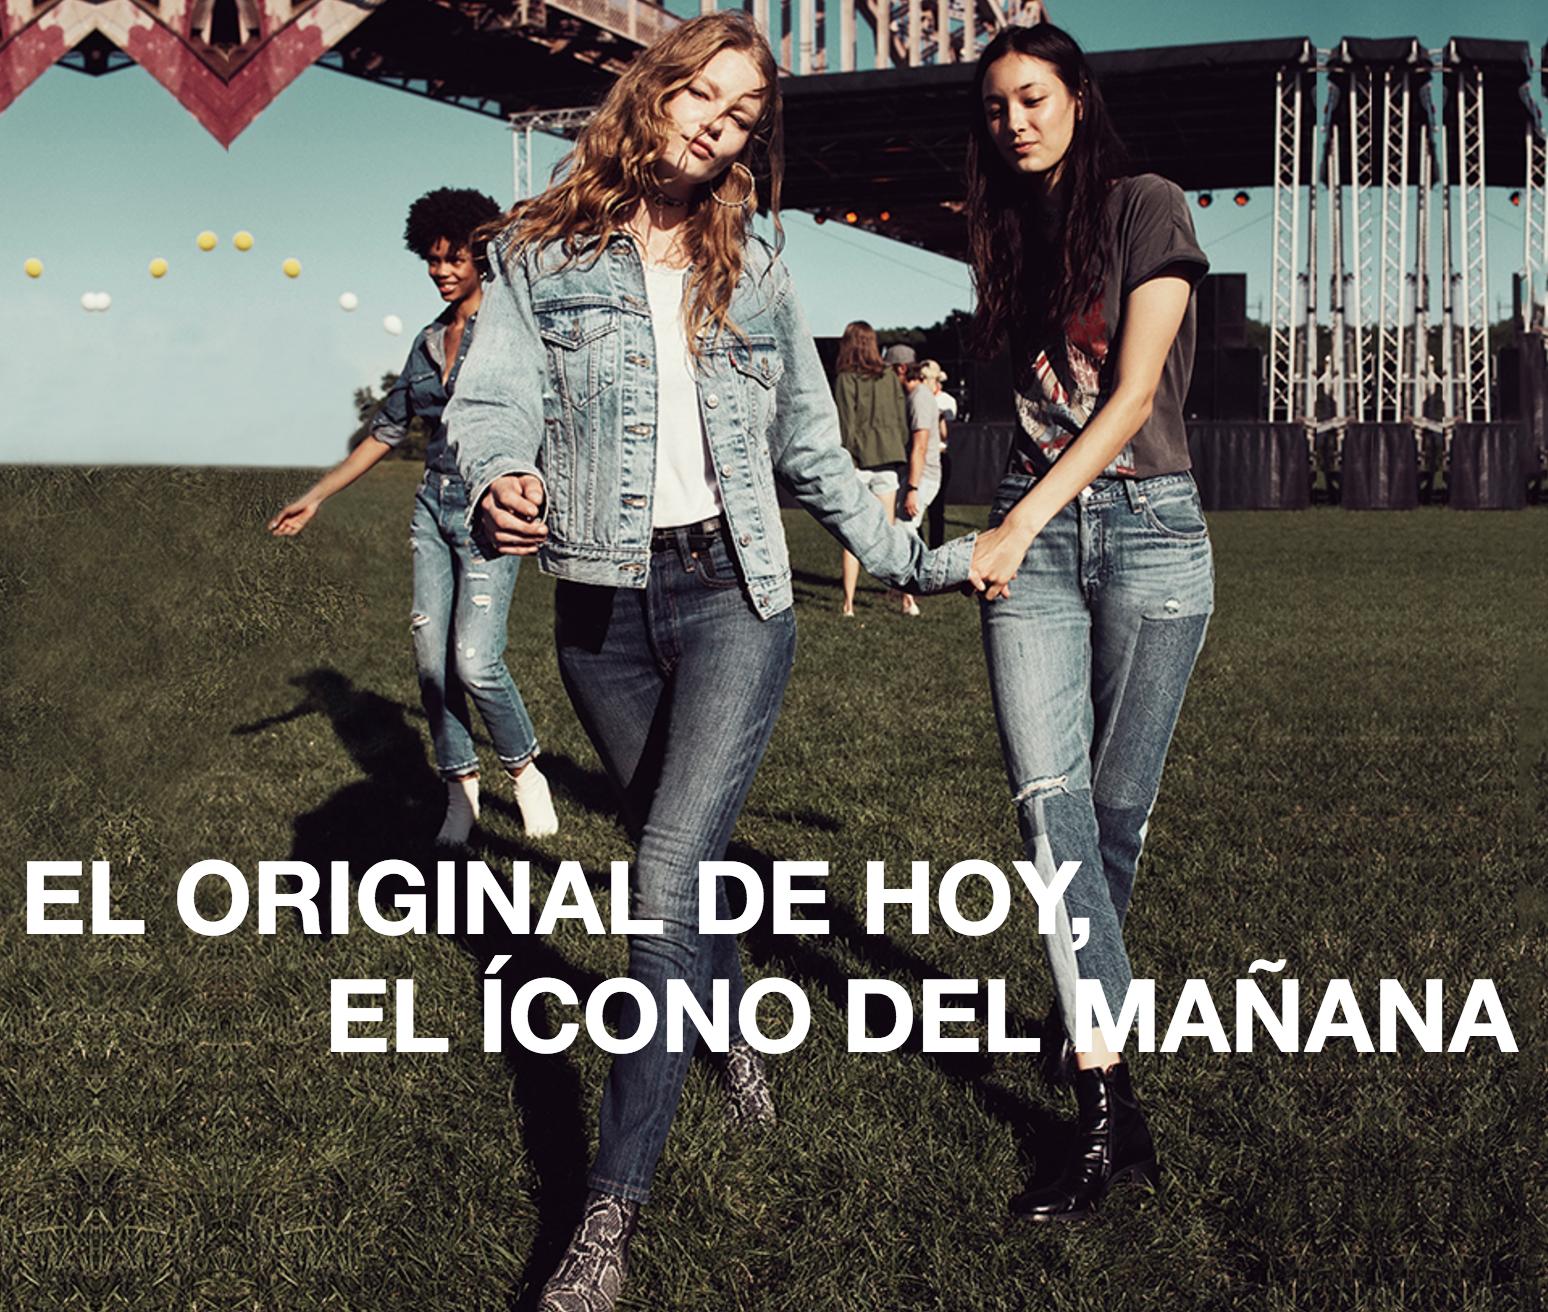 EL ORIGINAL DE HOY, EL ÍCONO DEL MAÑANA denim jeans levi's